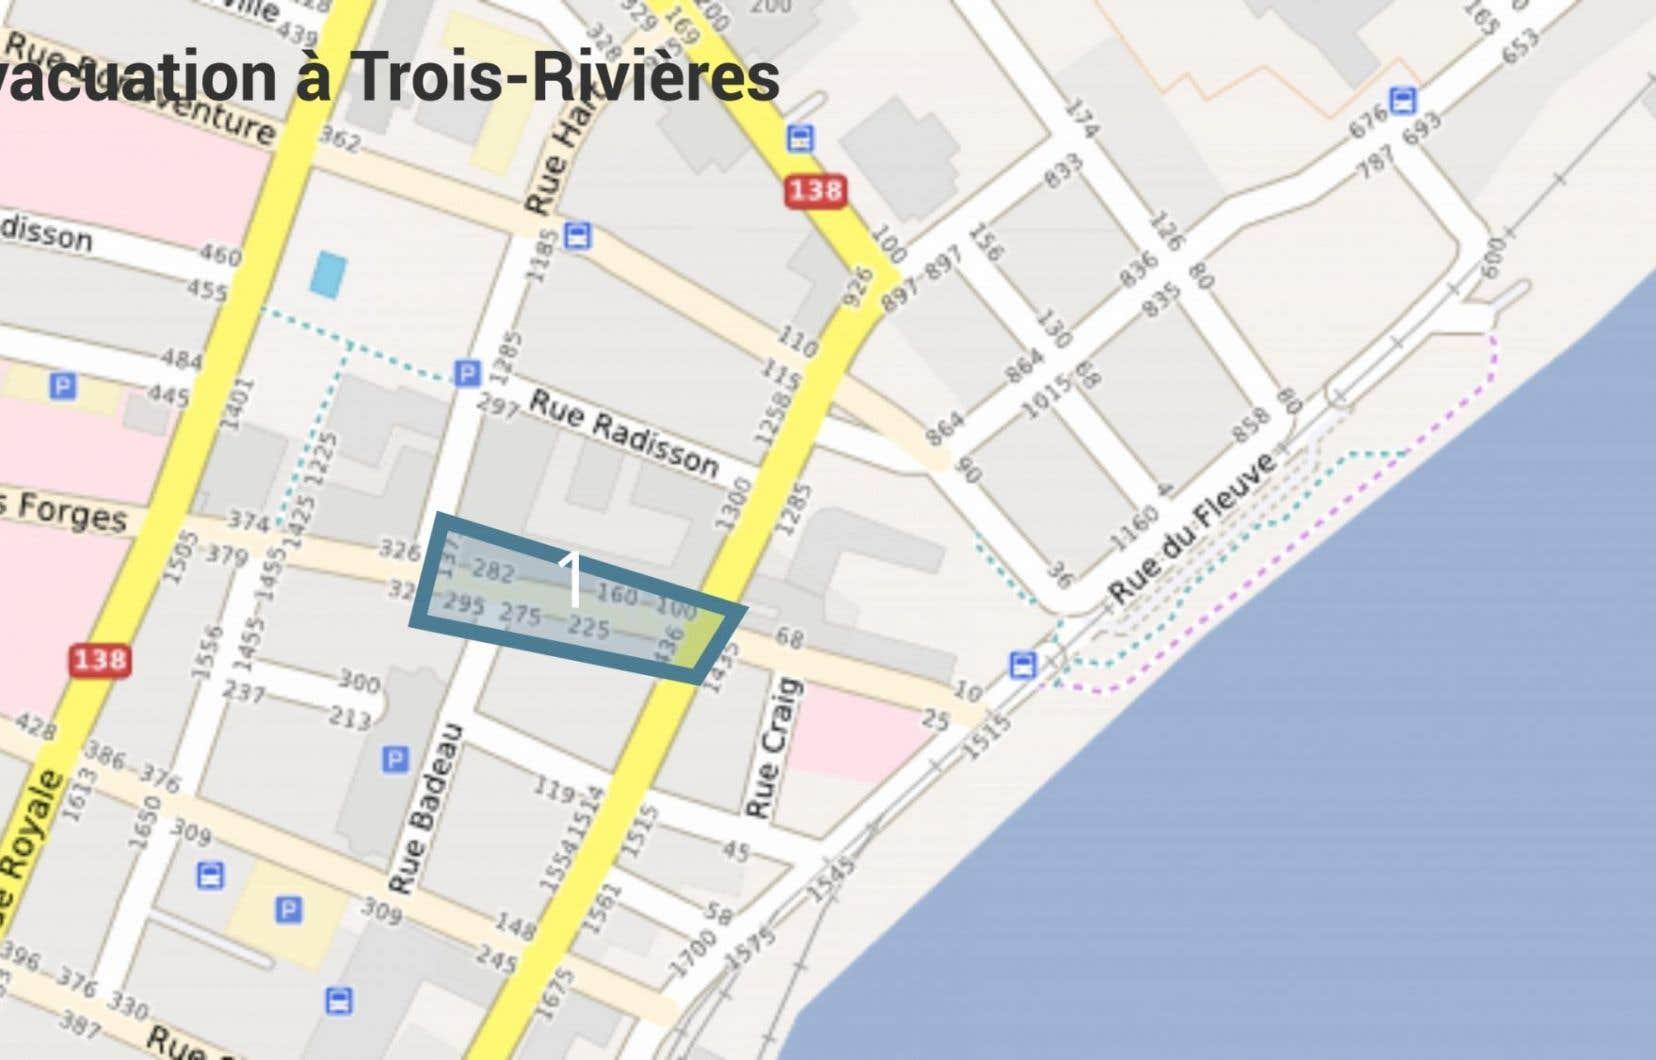 La police de Trois-Rivières a annoncé l'«évacuation totale» des commerces et résidences bordant la rue des Forges entre les rues Hart et Notre-Dame, en cas de déflagration.